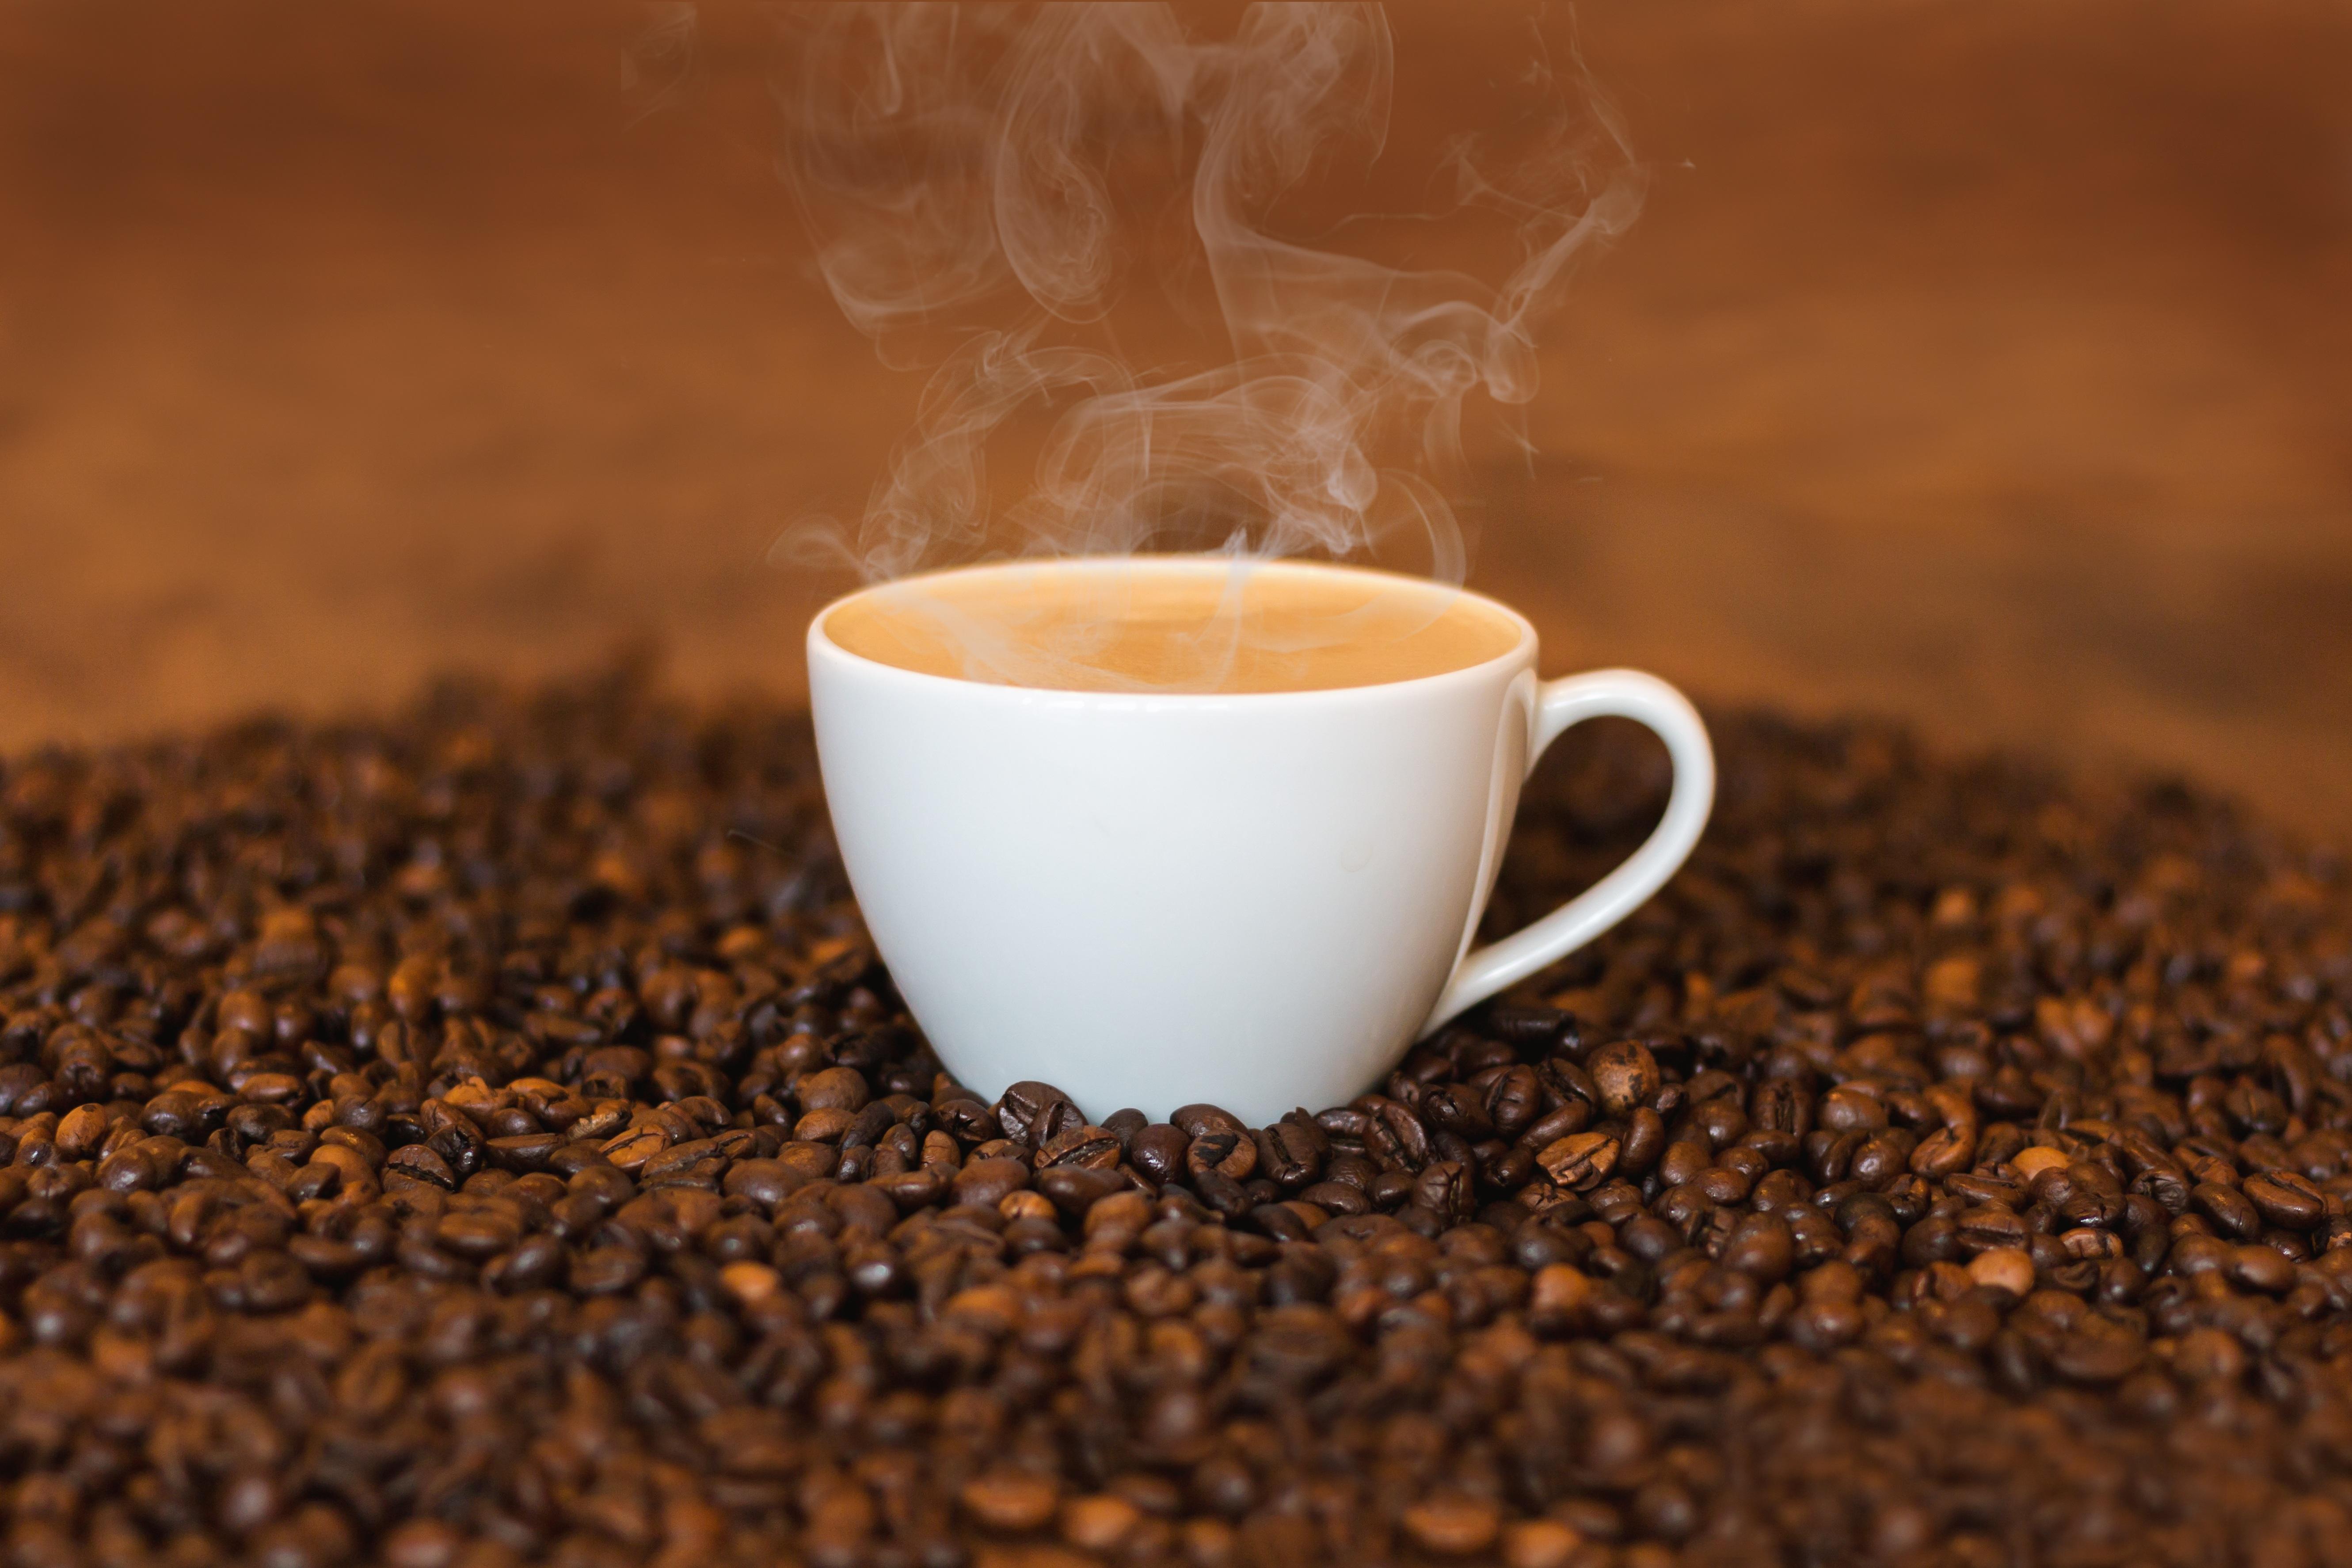 有名チェーンカフェ 1杯のコーヒーの値段をまとめてみた